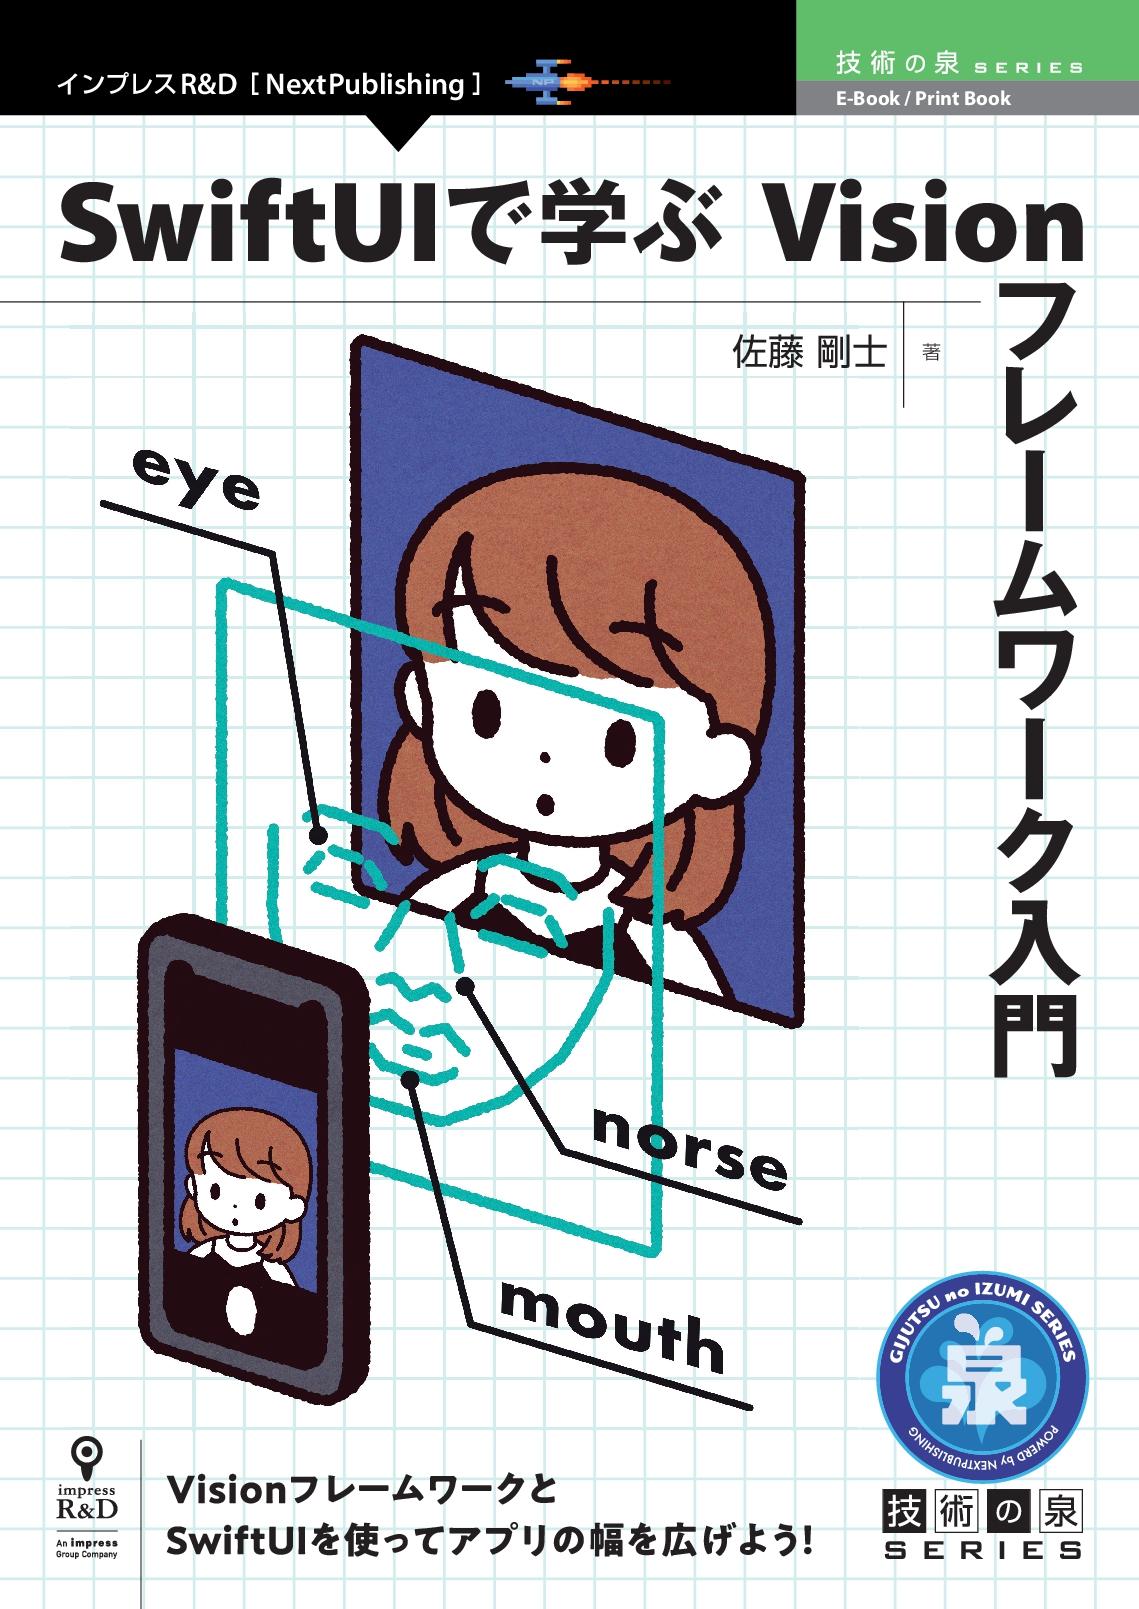 SwiftUIで学ぶVisionフレームワーク入門